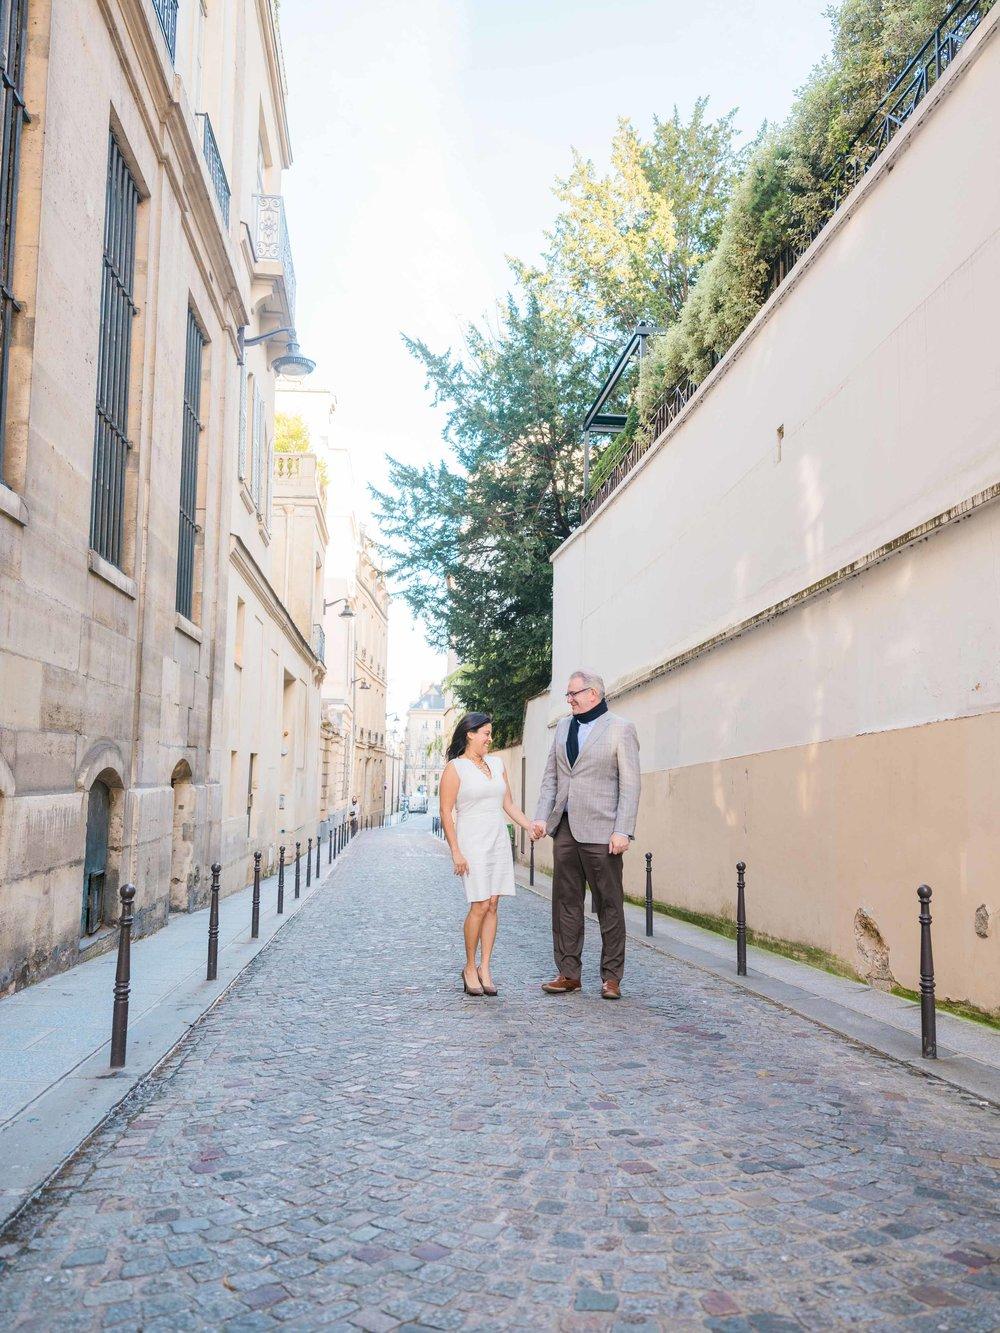 paris couples photography paris france